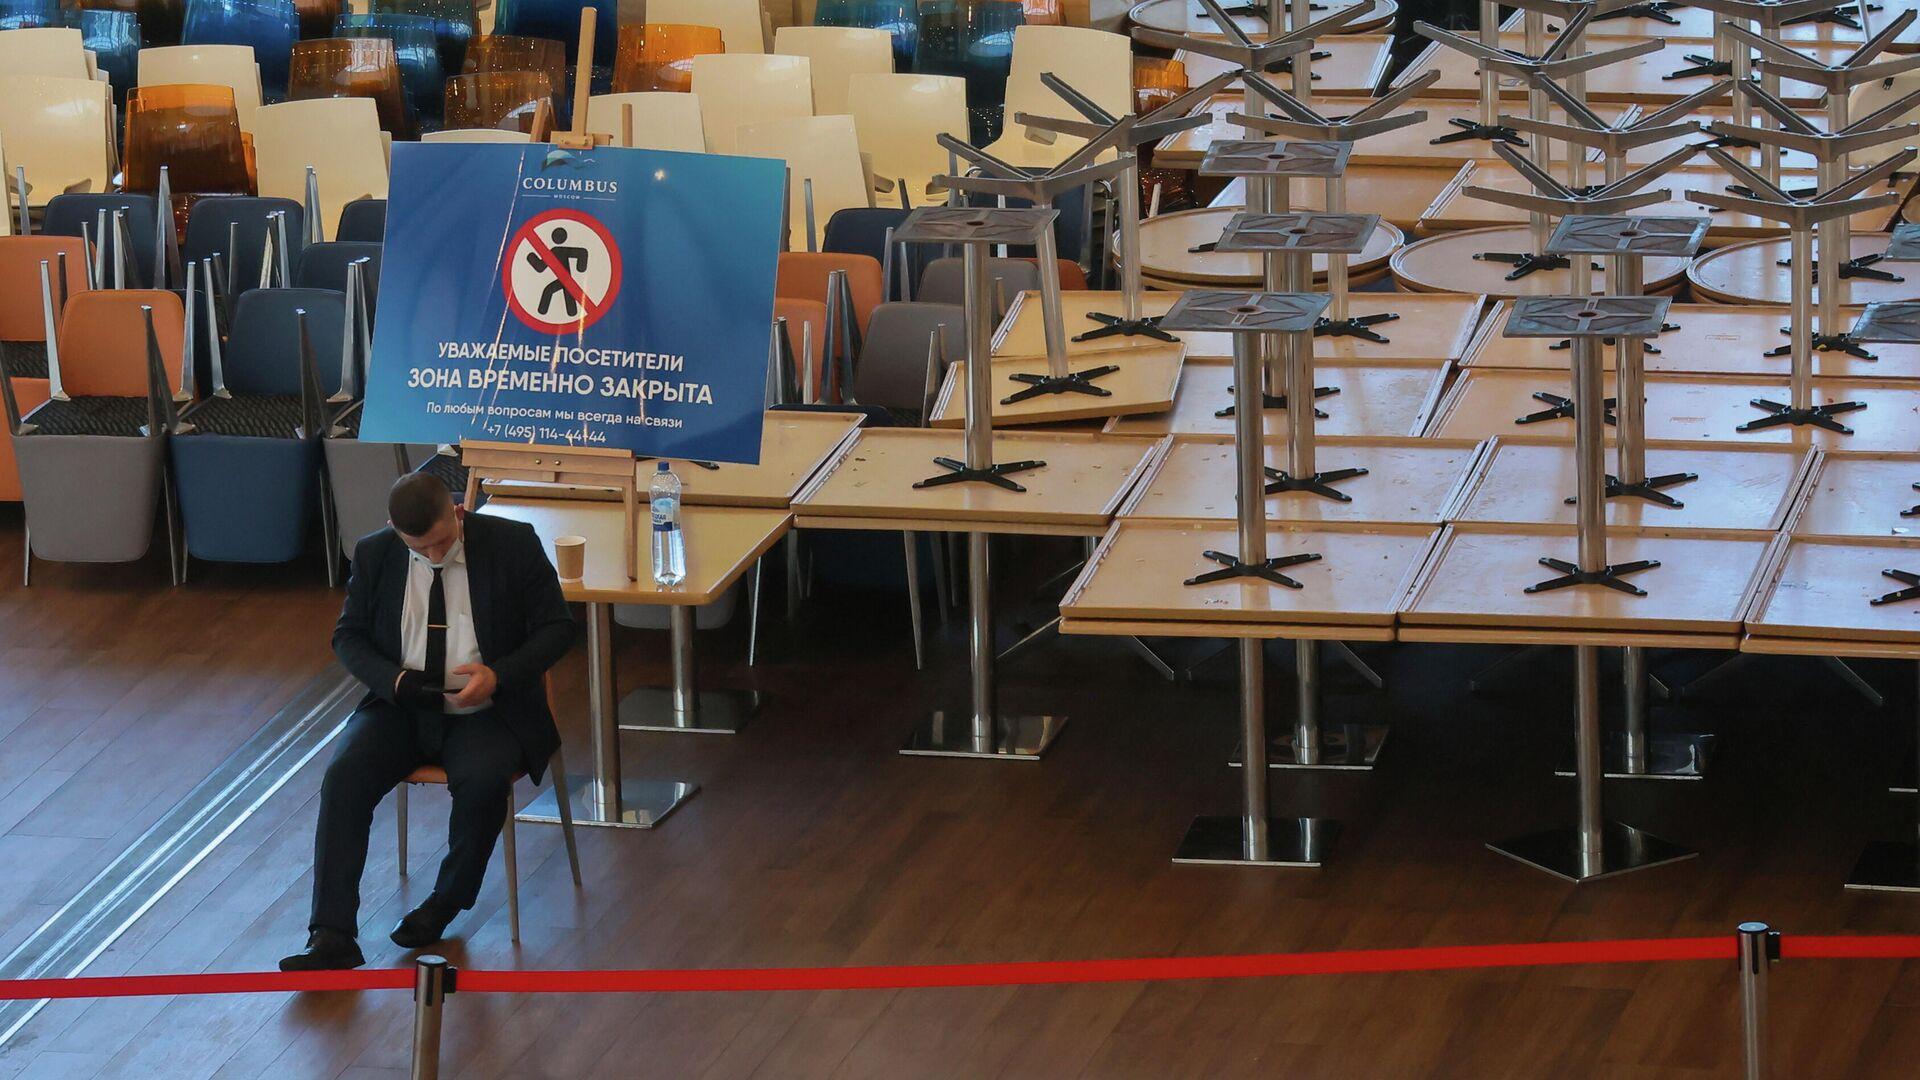 Столики на закрытом из-за коронавирусных ограничений фуд-корте в торговом центре Columbus в Москве - РИА Новости, 1920, 02.08.2021